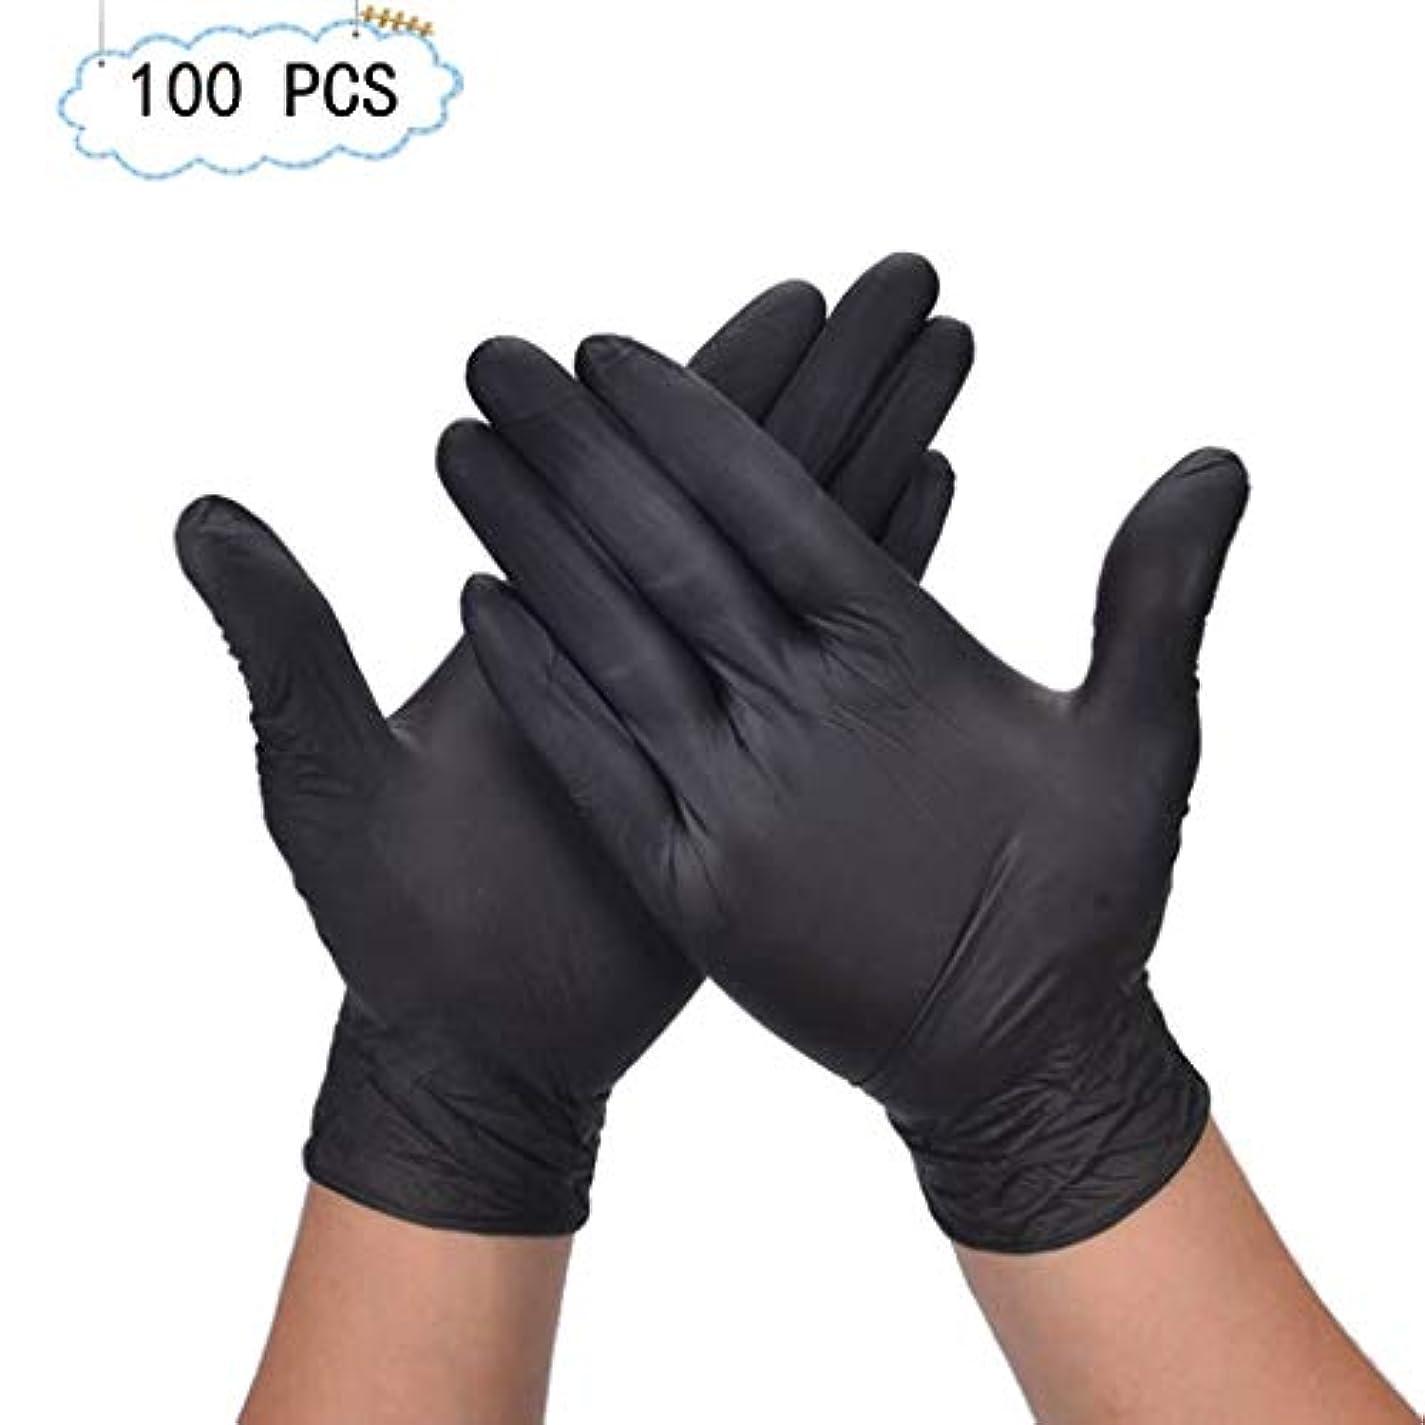 絡まるライフル逆にニトリル滑り止め酸およびアルカリテスト産業用食品使い捨て手袋ペットケアネイルアート検査保護実験、美容院ラテックスフリー、パウダーフリー、両手利き、100個 (Color : Black, Size : XL)